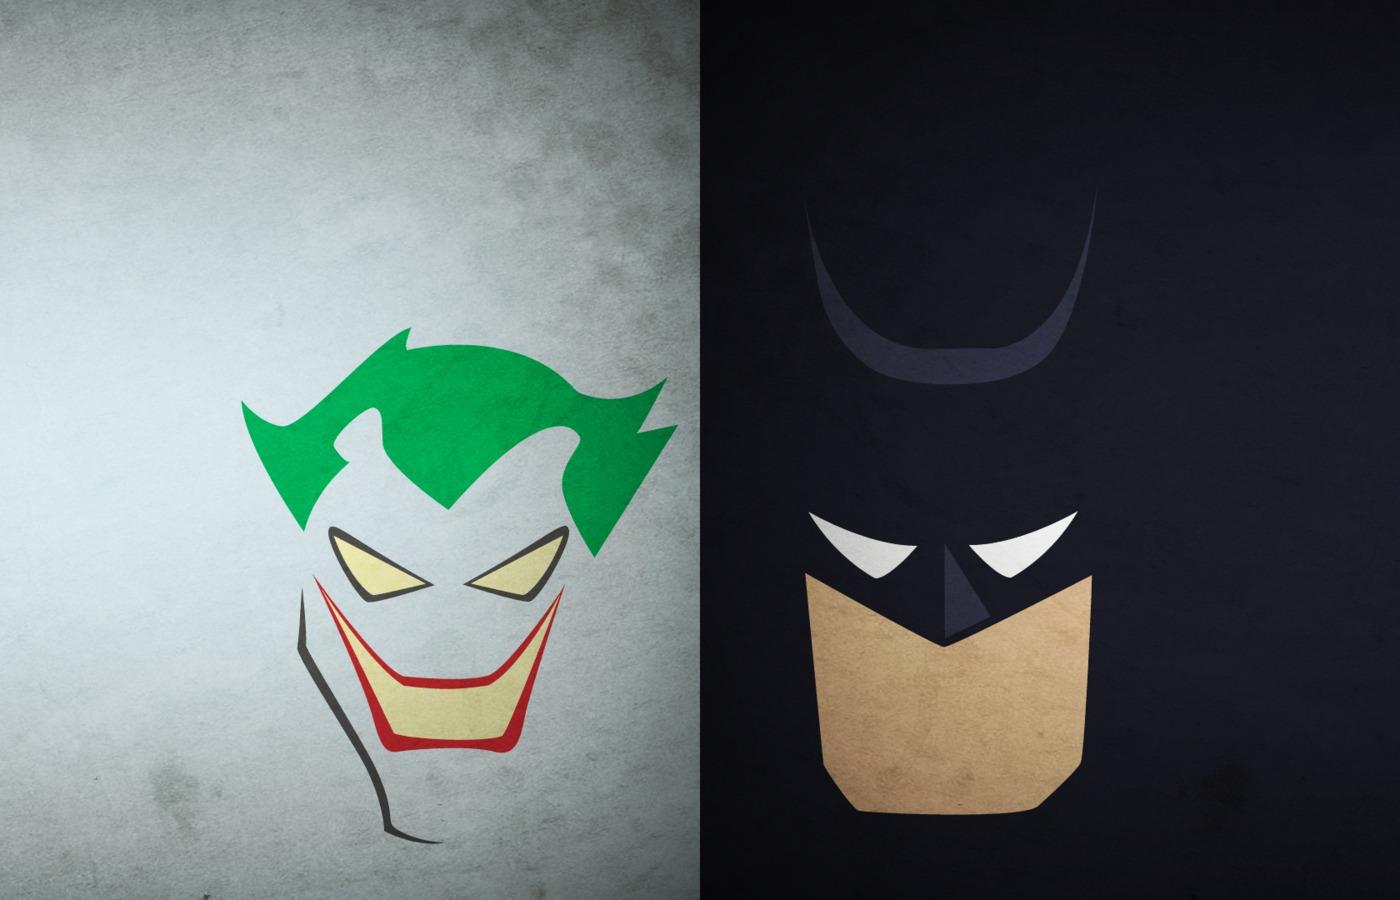 joker-batman-art-wallpaper.jpg